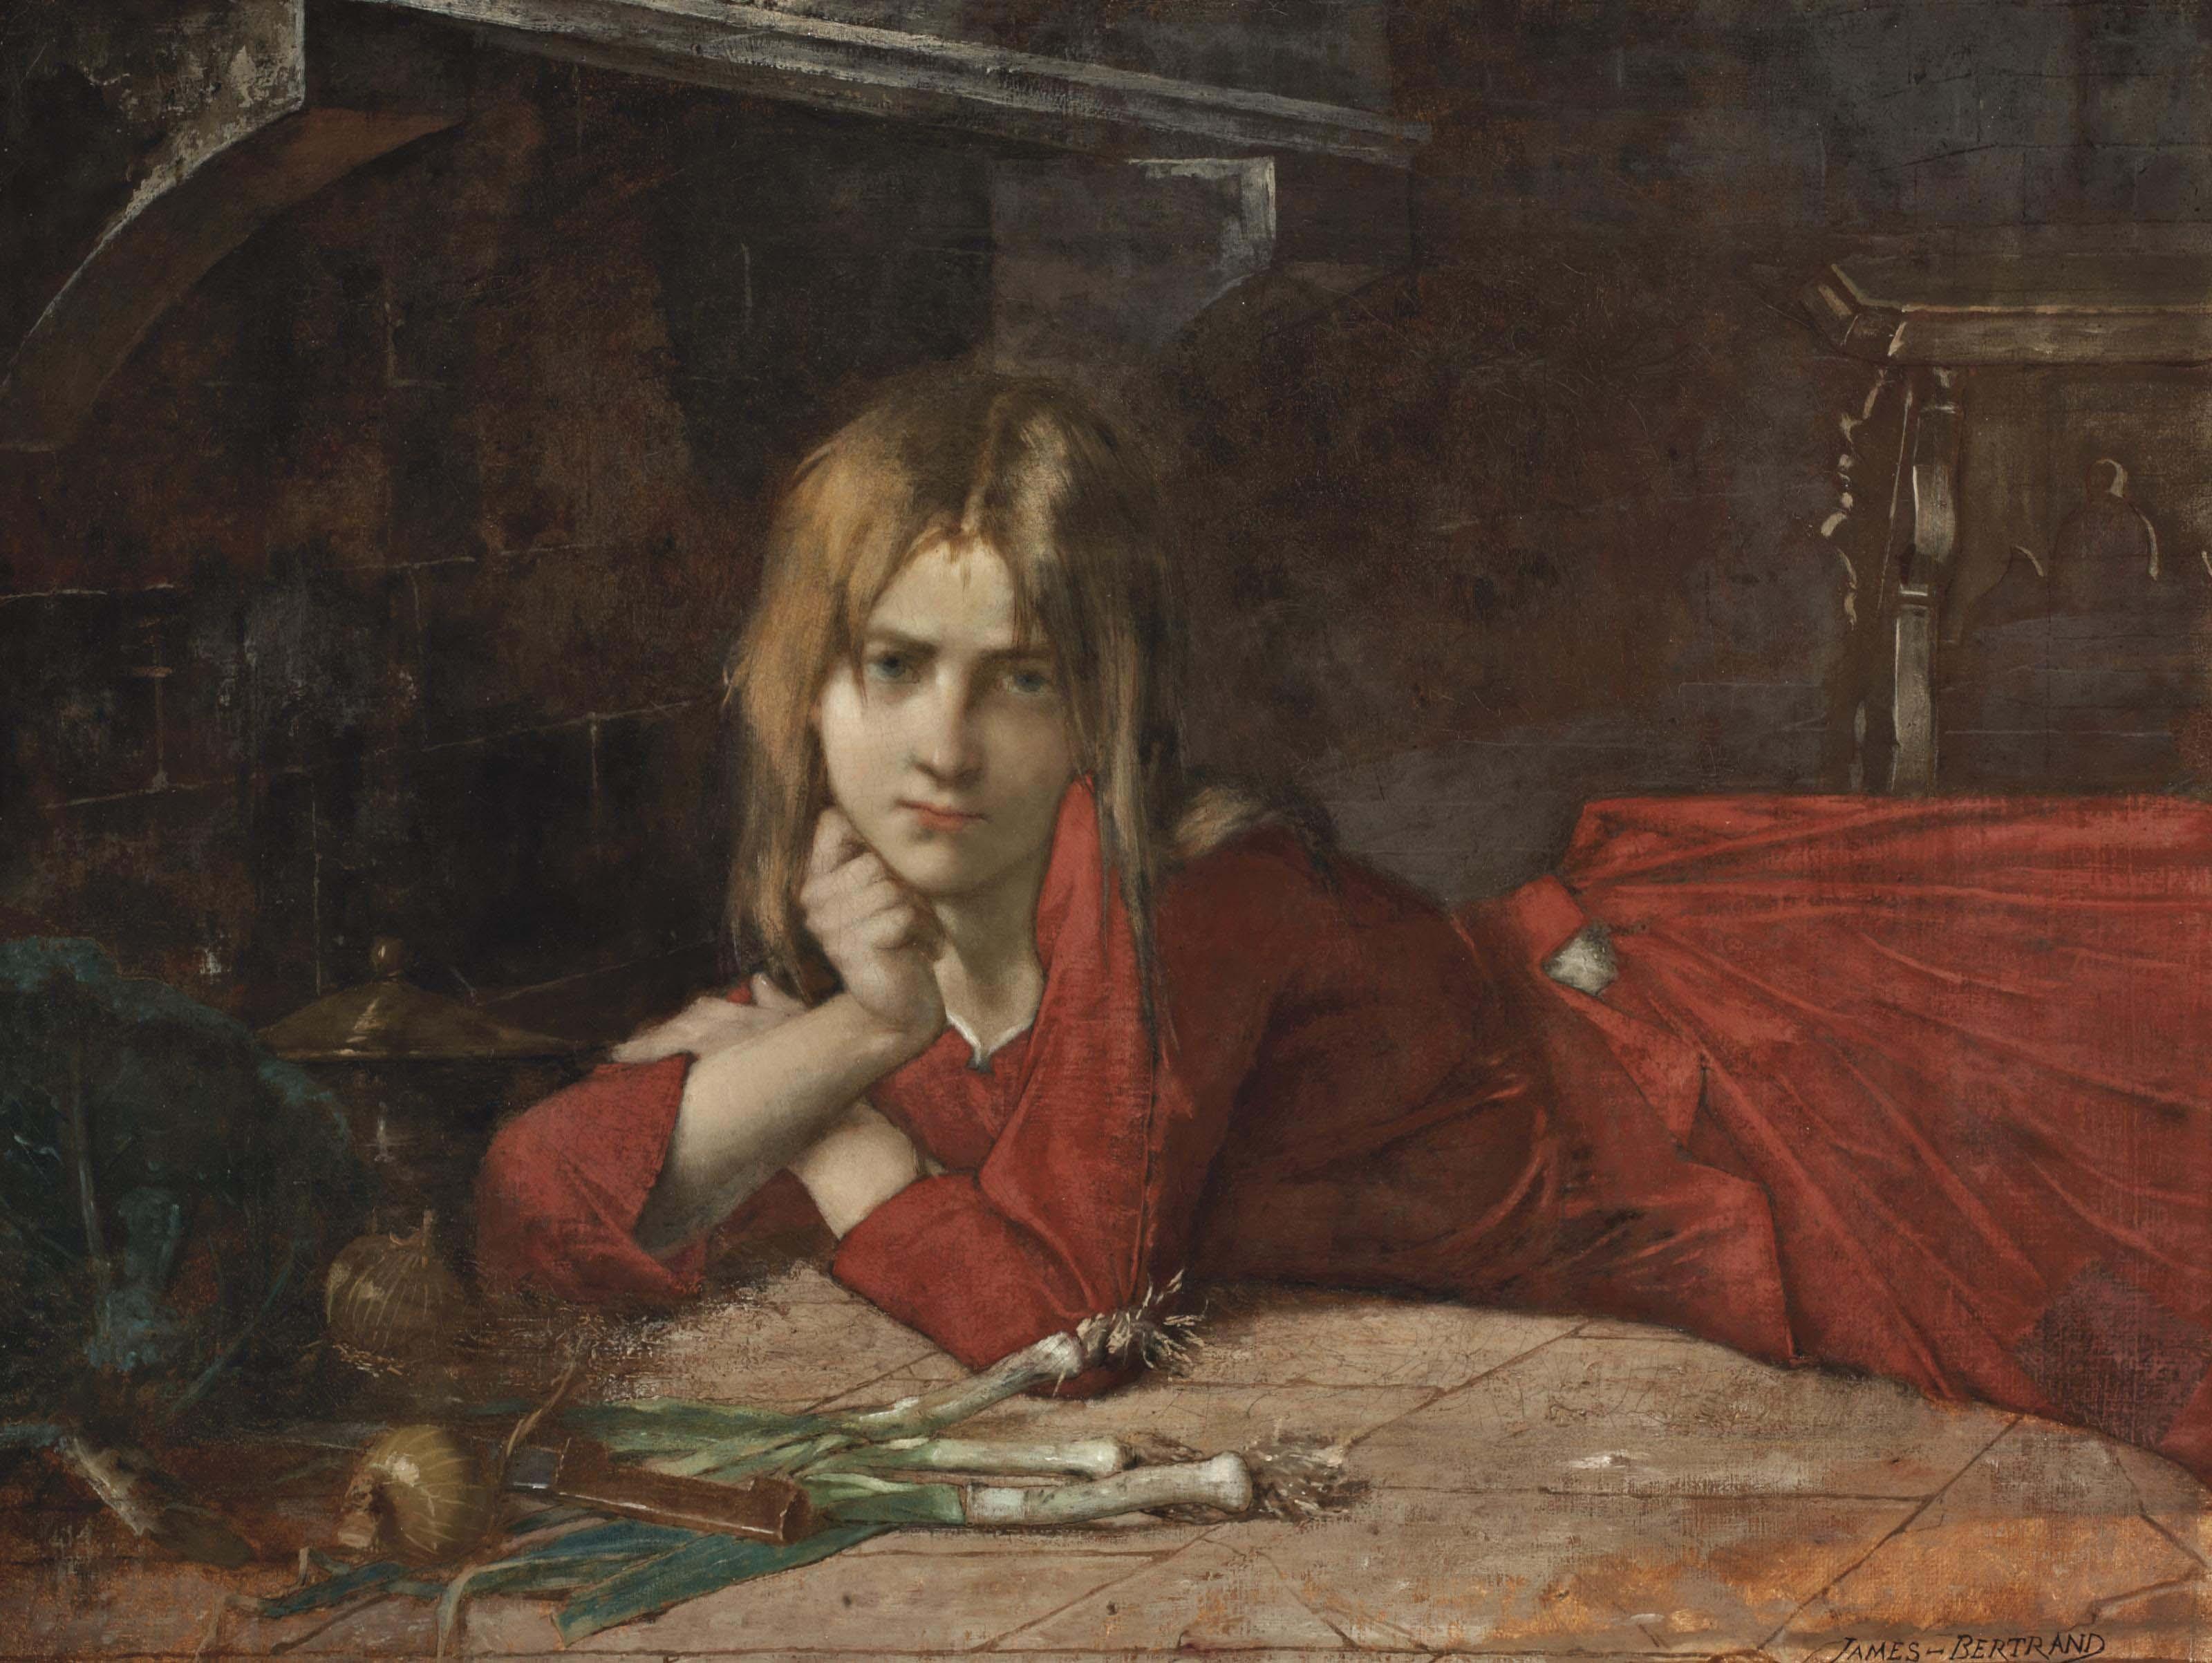 JAMES BERTRAND (LYON 1823-1887